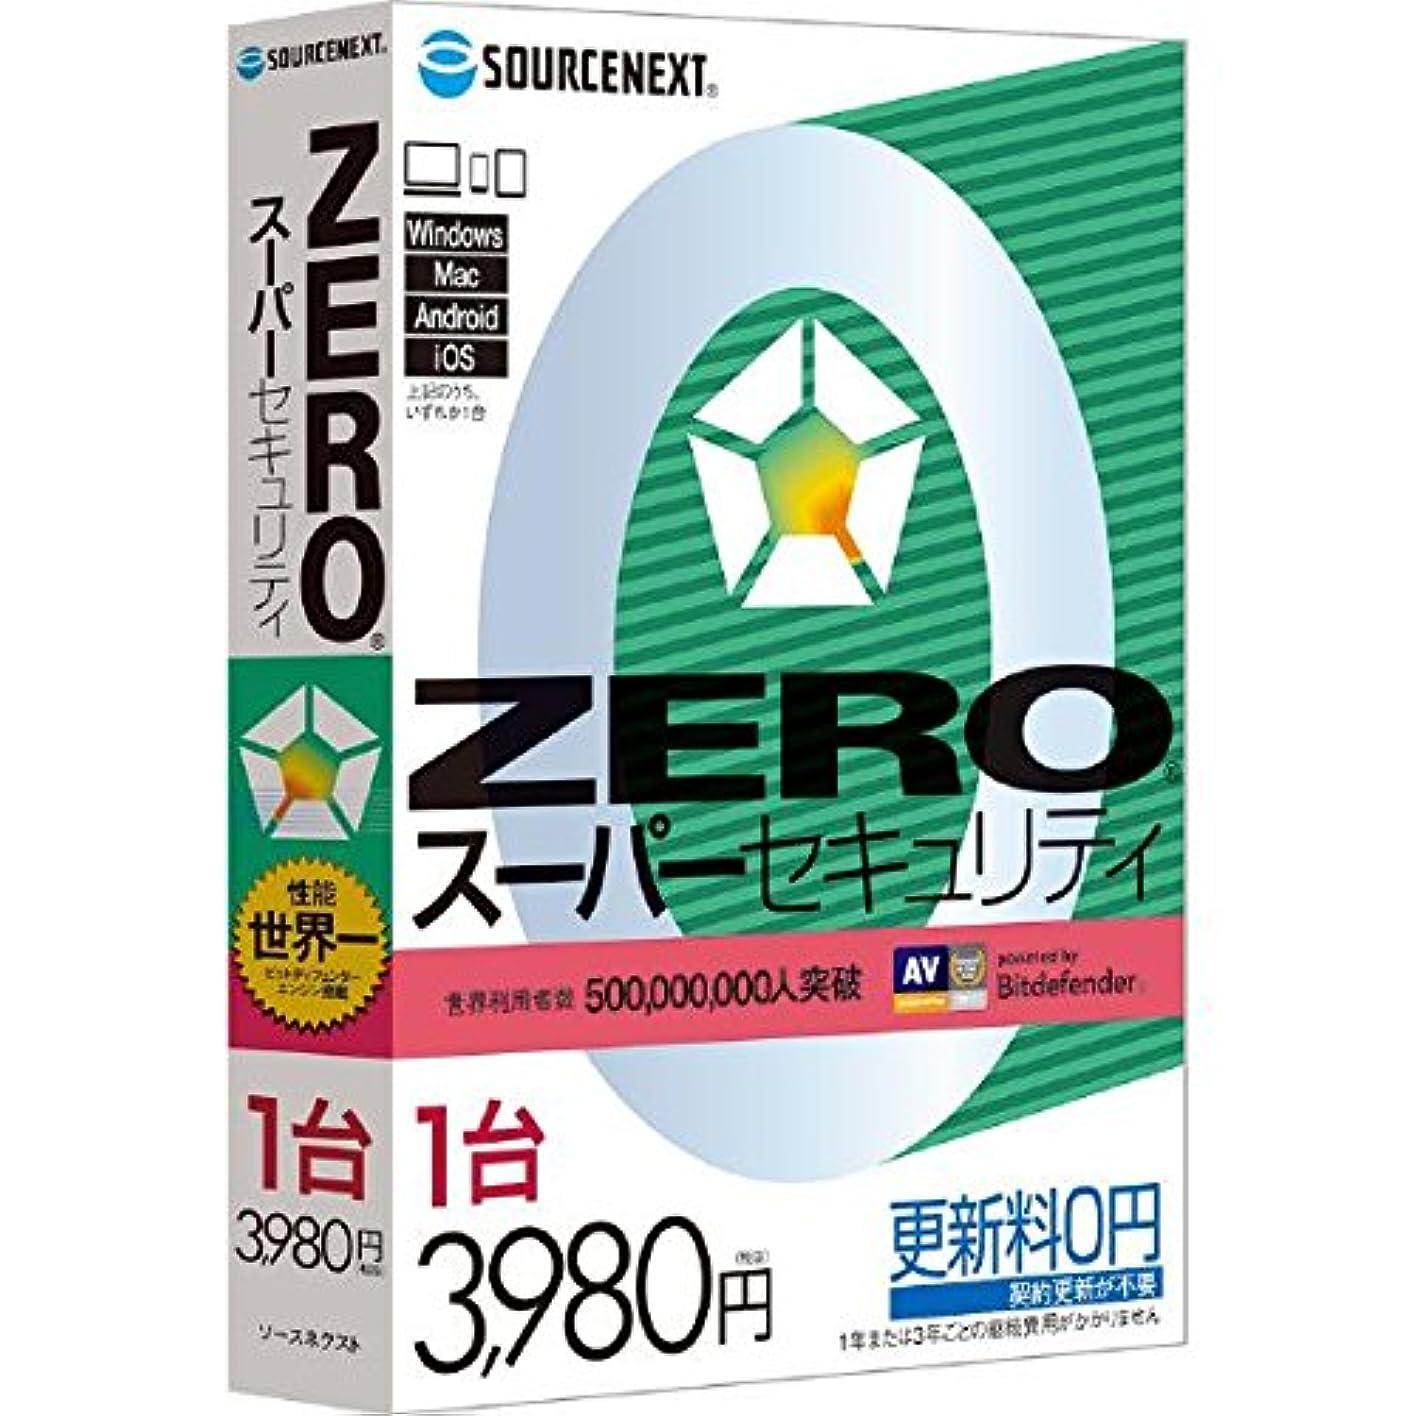 国民投票ほこり肉ソースネクスト ZERO スーパーセキュリティ 1台用 4OS(Win/Mac/Android/iOS)対応